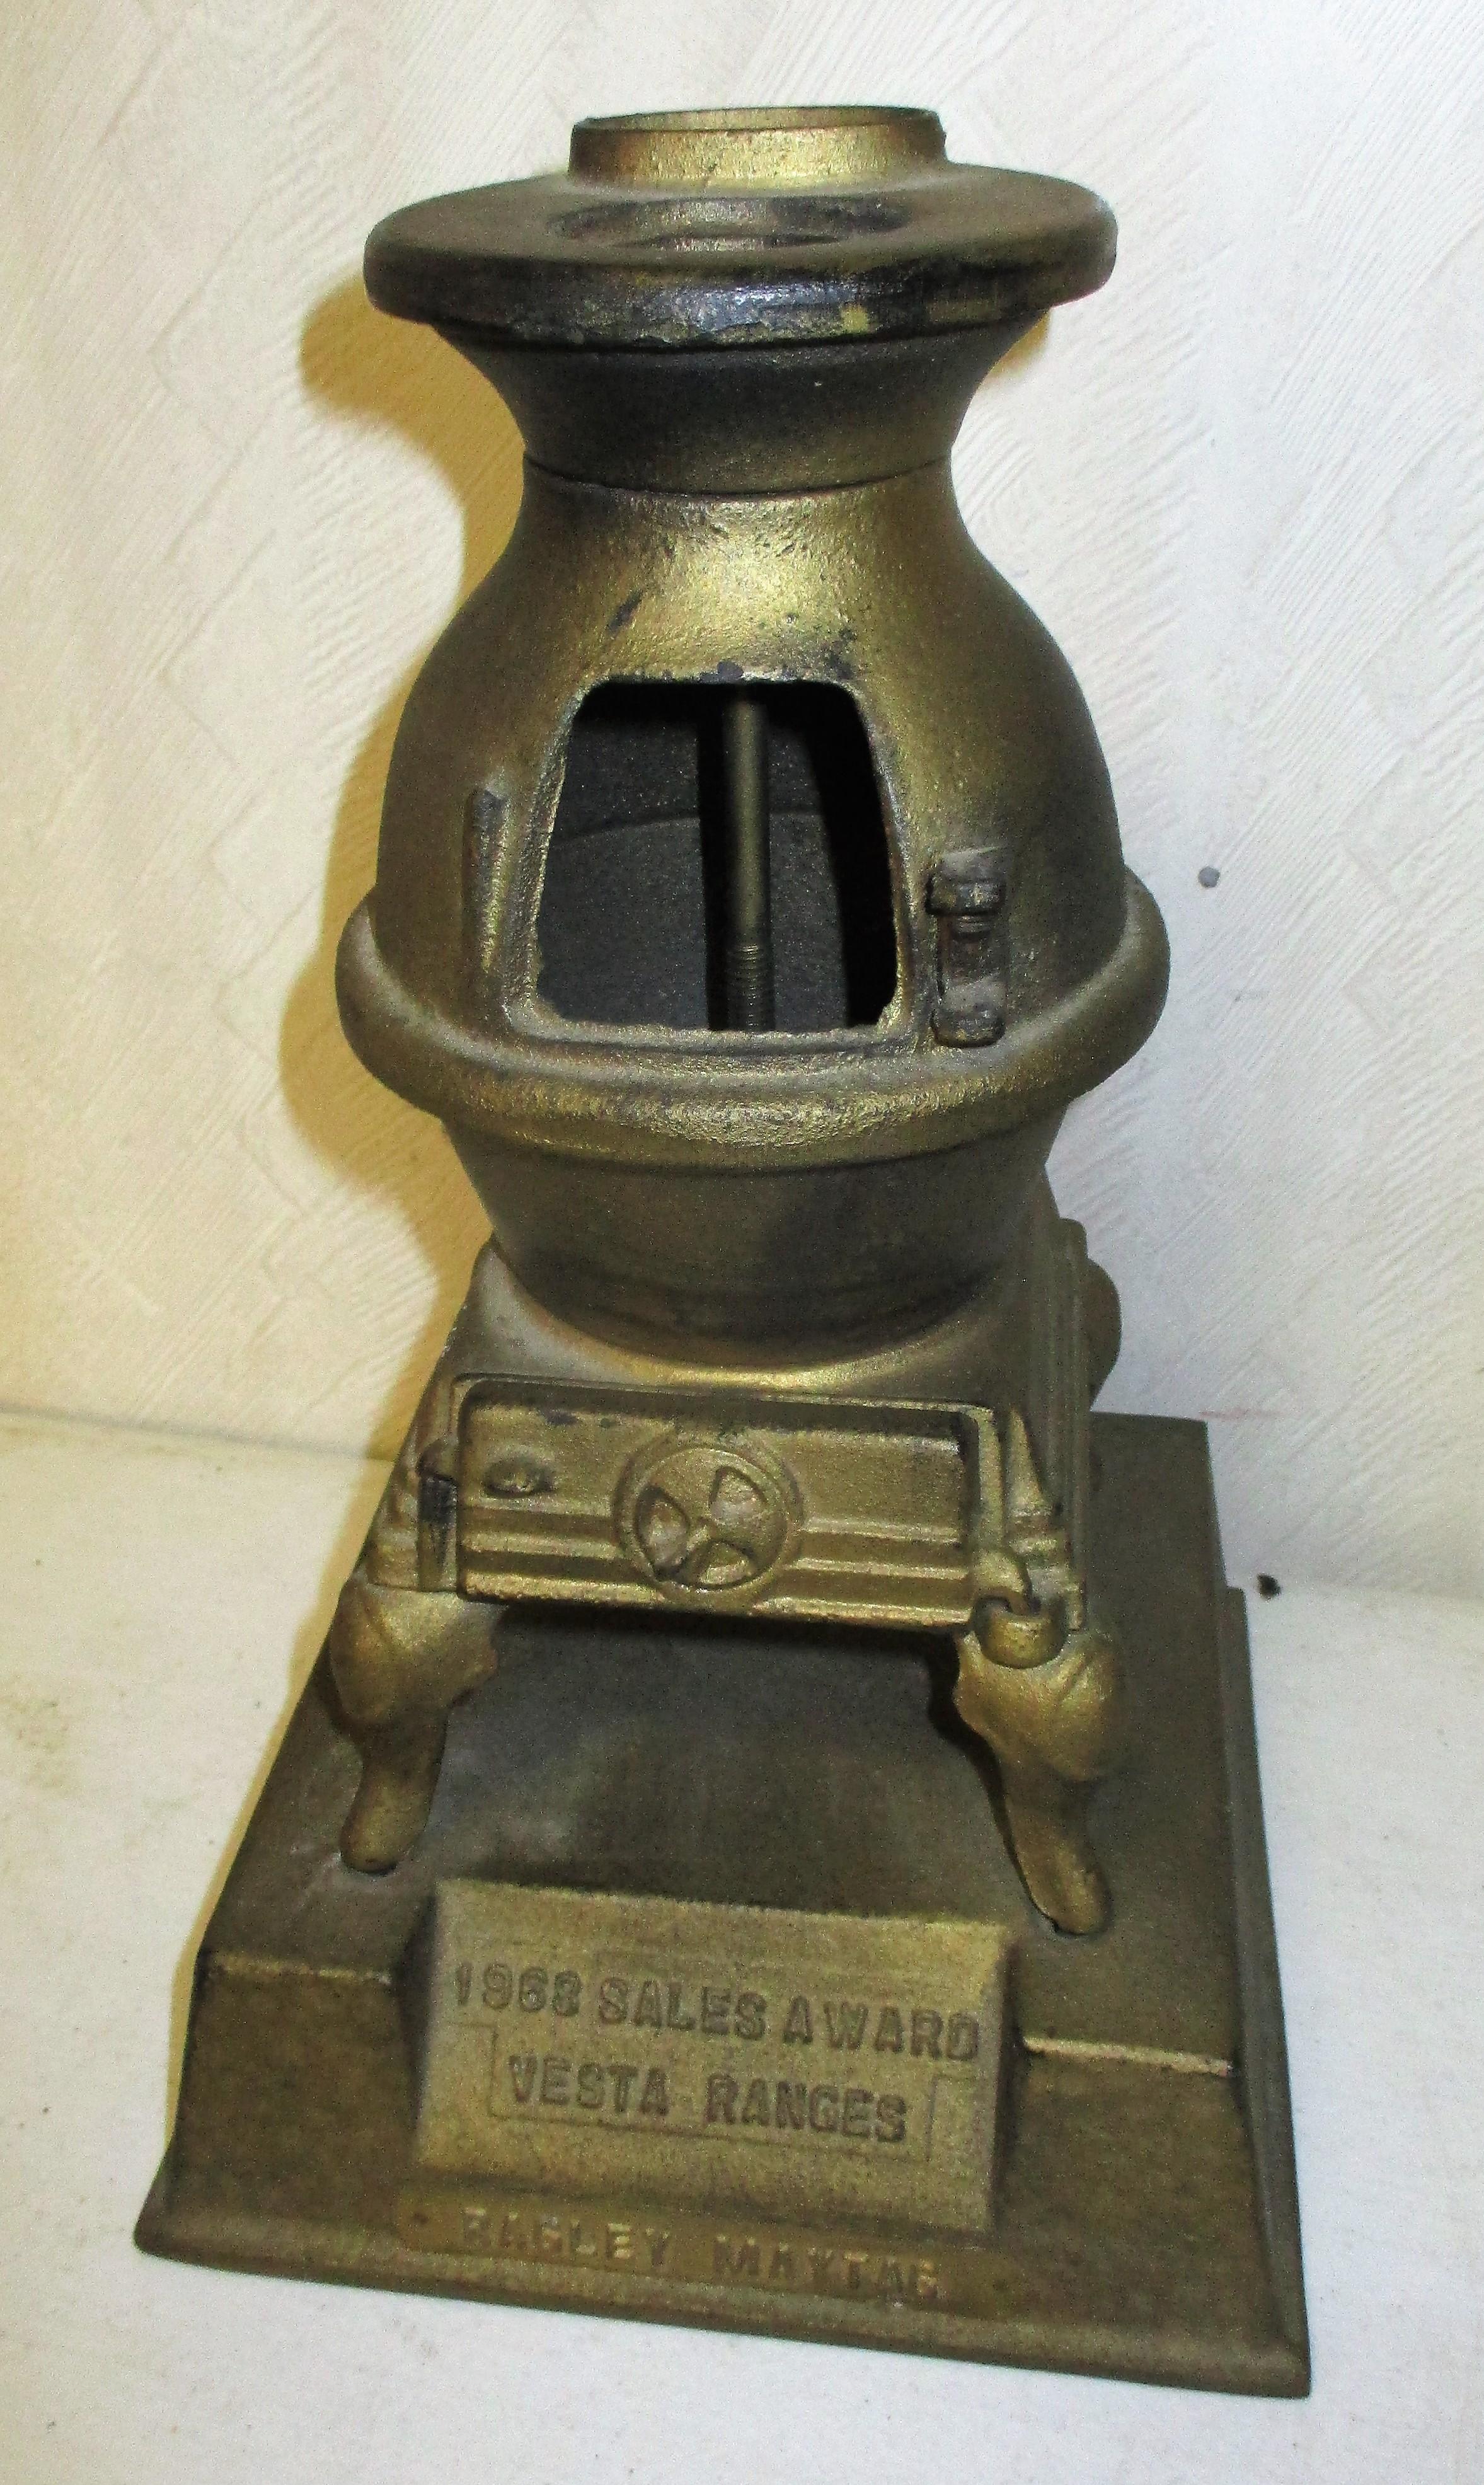 132: 1968 Maytag Sales Award